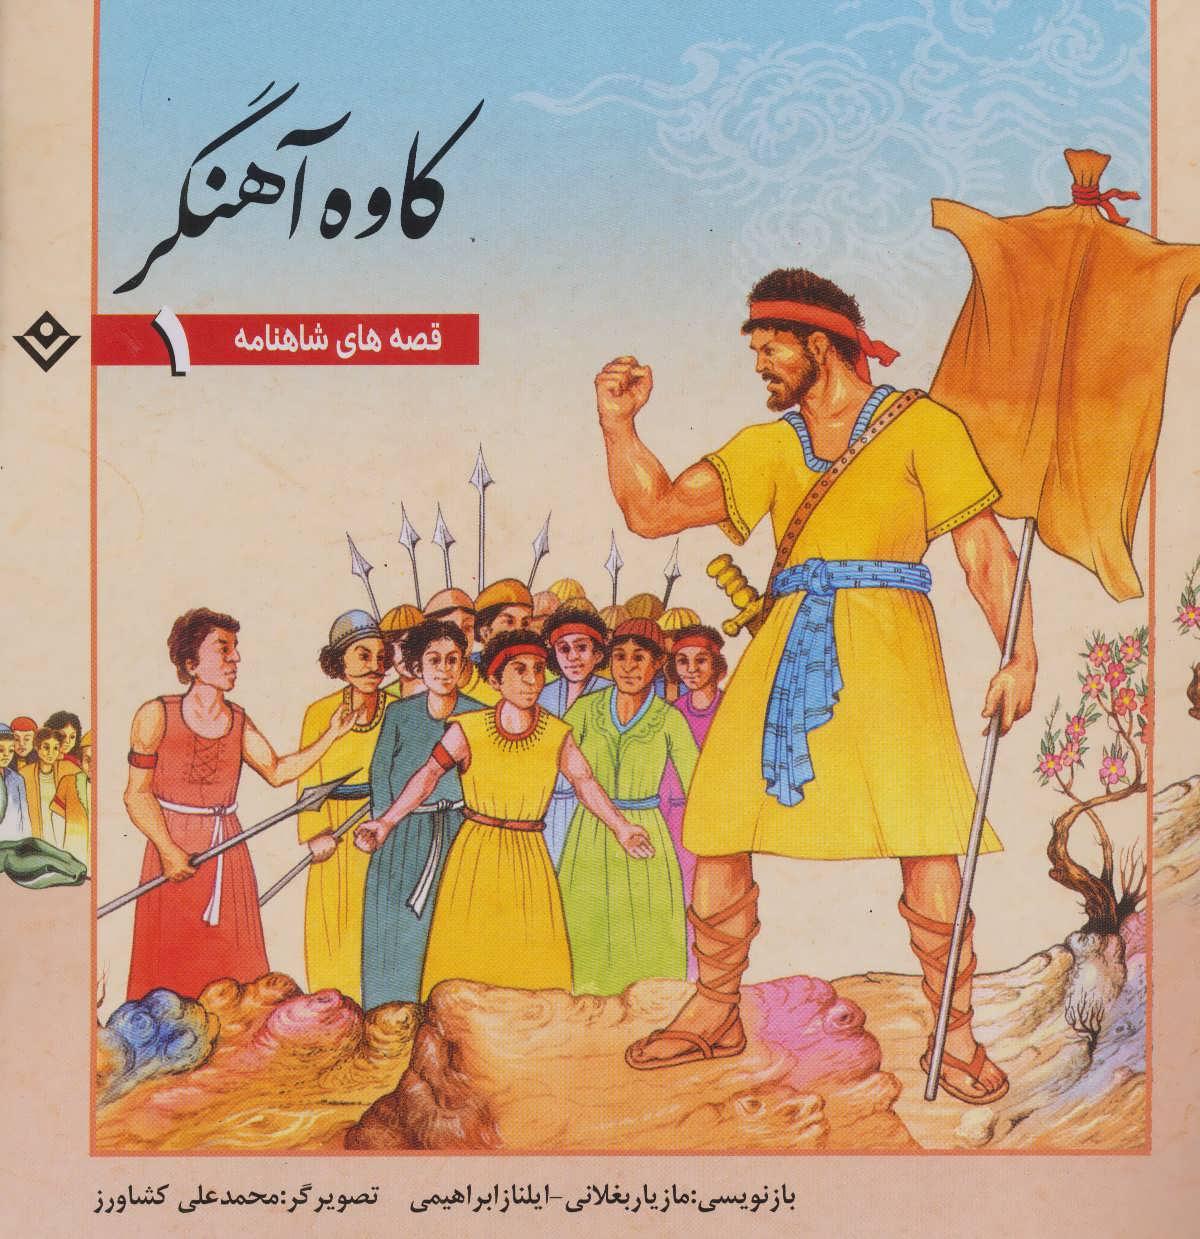 کتاب قصههای شاهنامه ۱ (کاوه آهنگر)